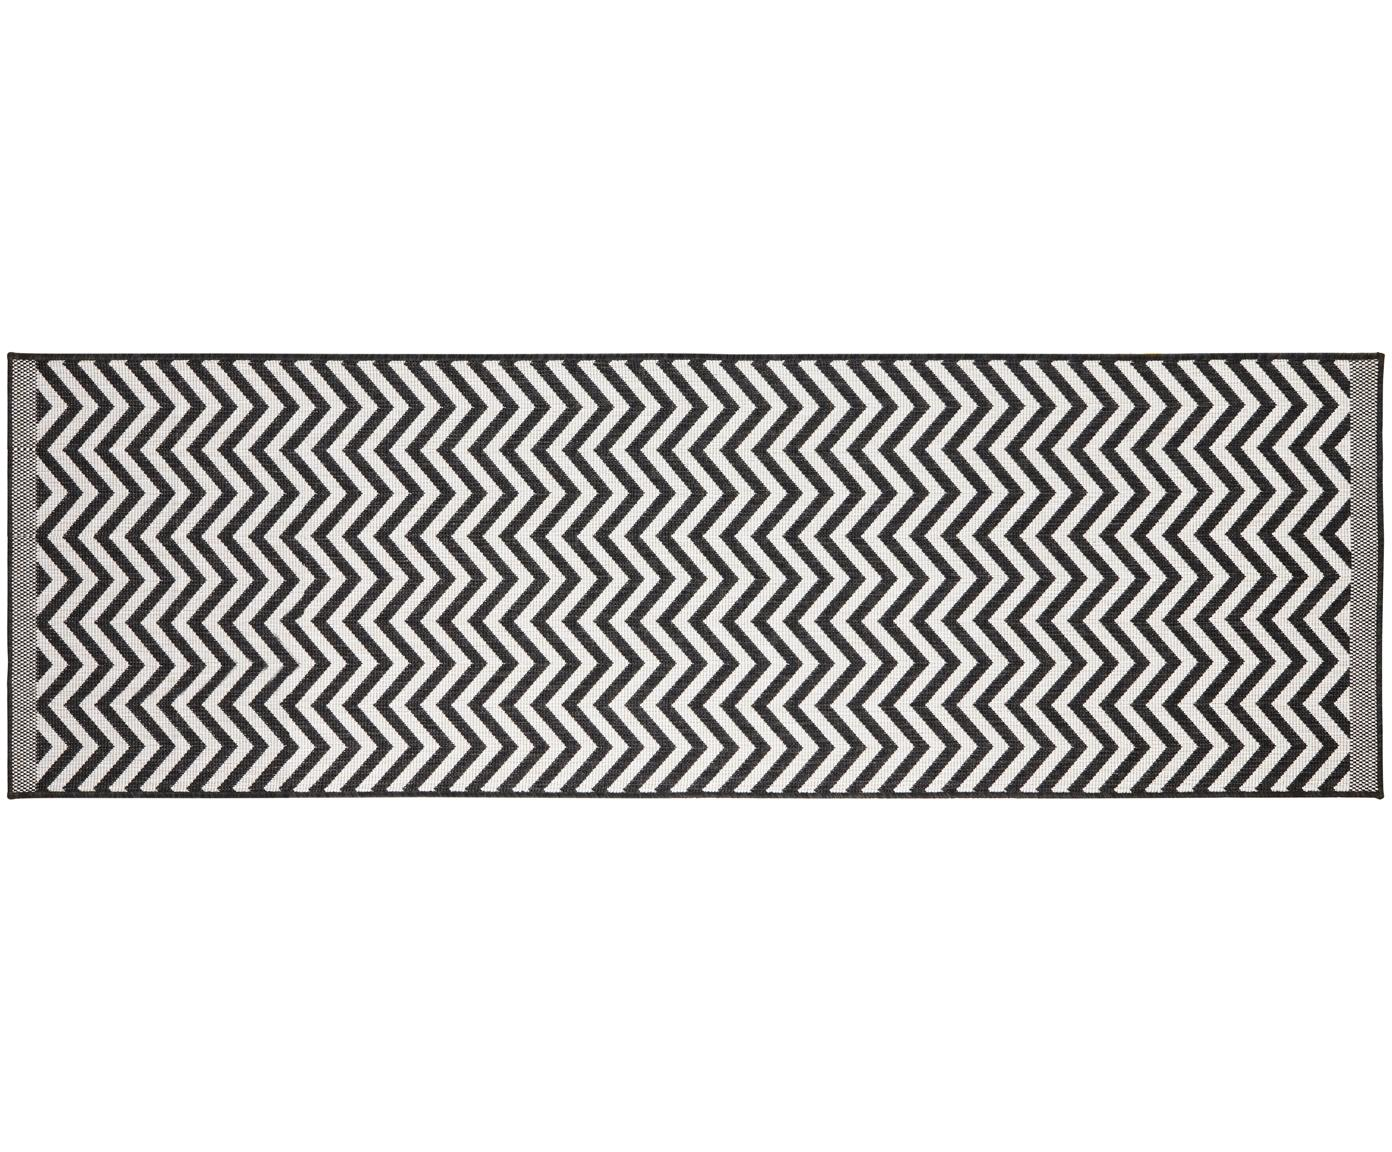 Dubbelzijdige in- & outdoor loper Palma, met zigzag patroon, Zwart, crèmekleurig, 80 x 250 cm